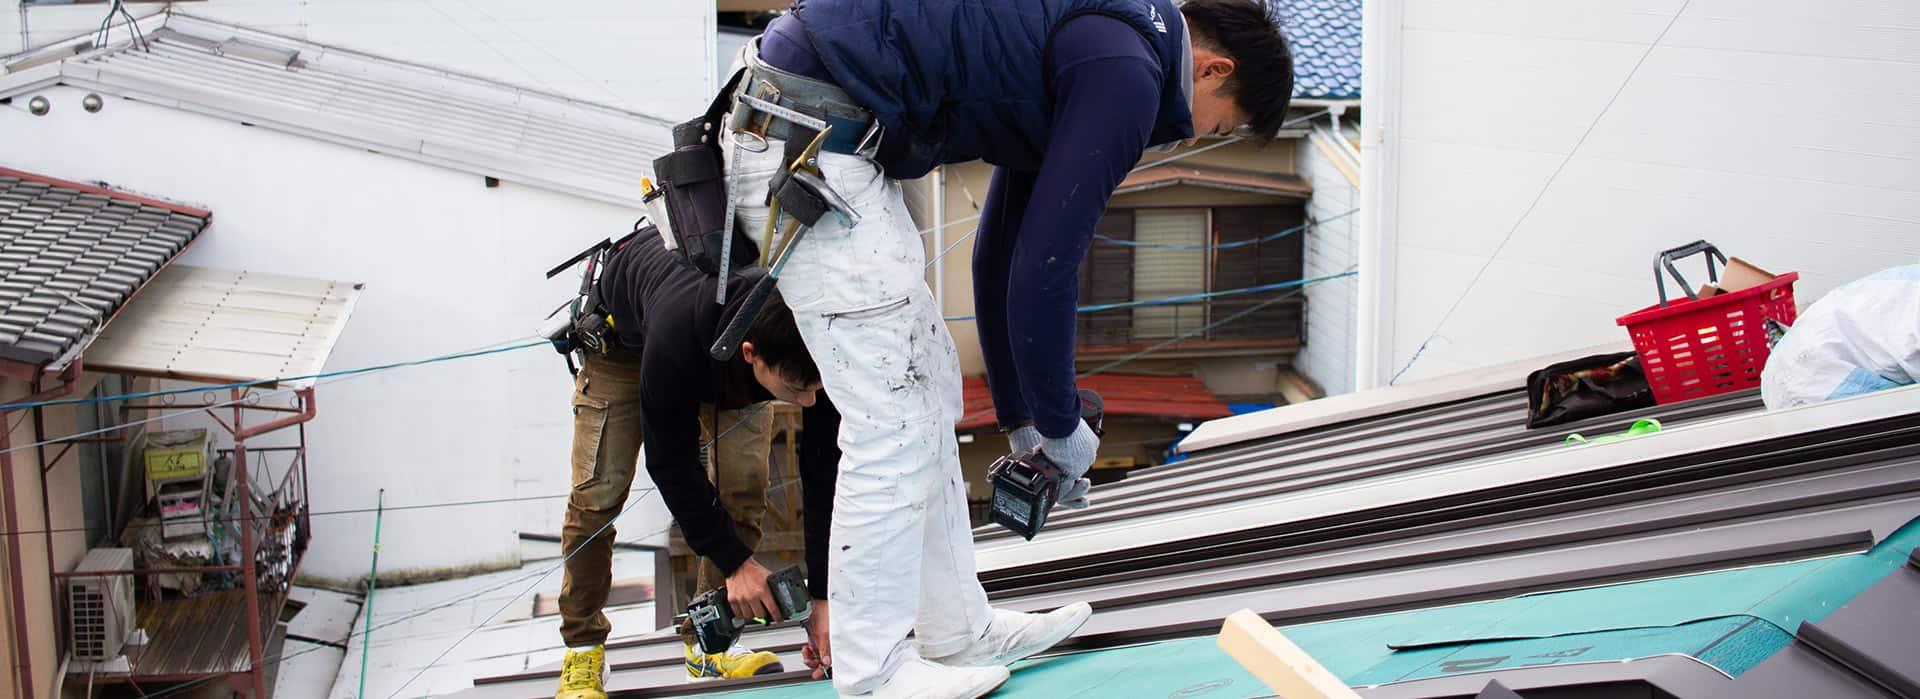 京都での屋根修理・屋根リフォーム・屋根板金工事など、山口板金の施工実績